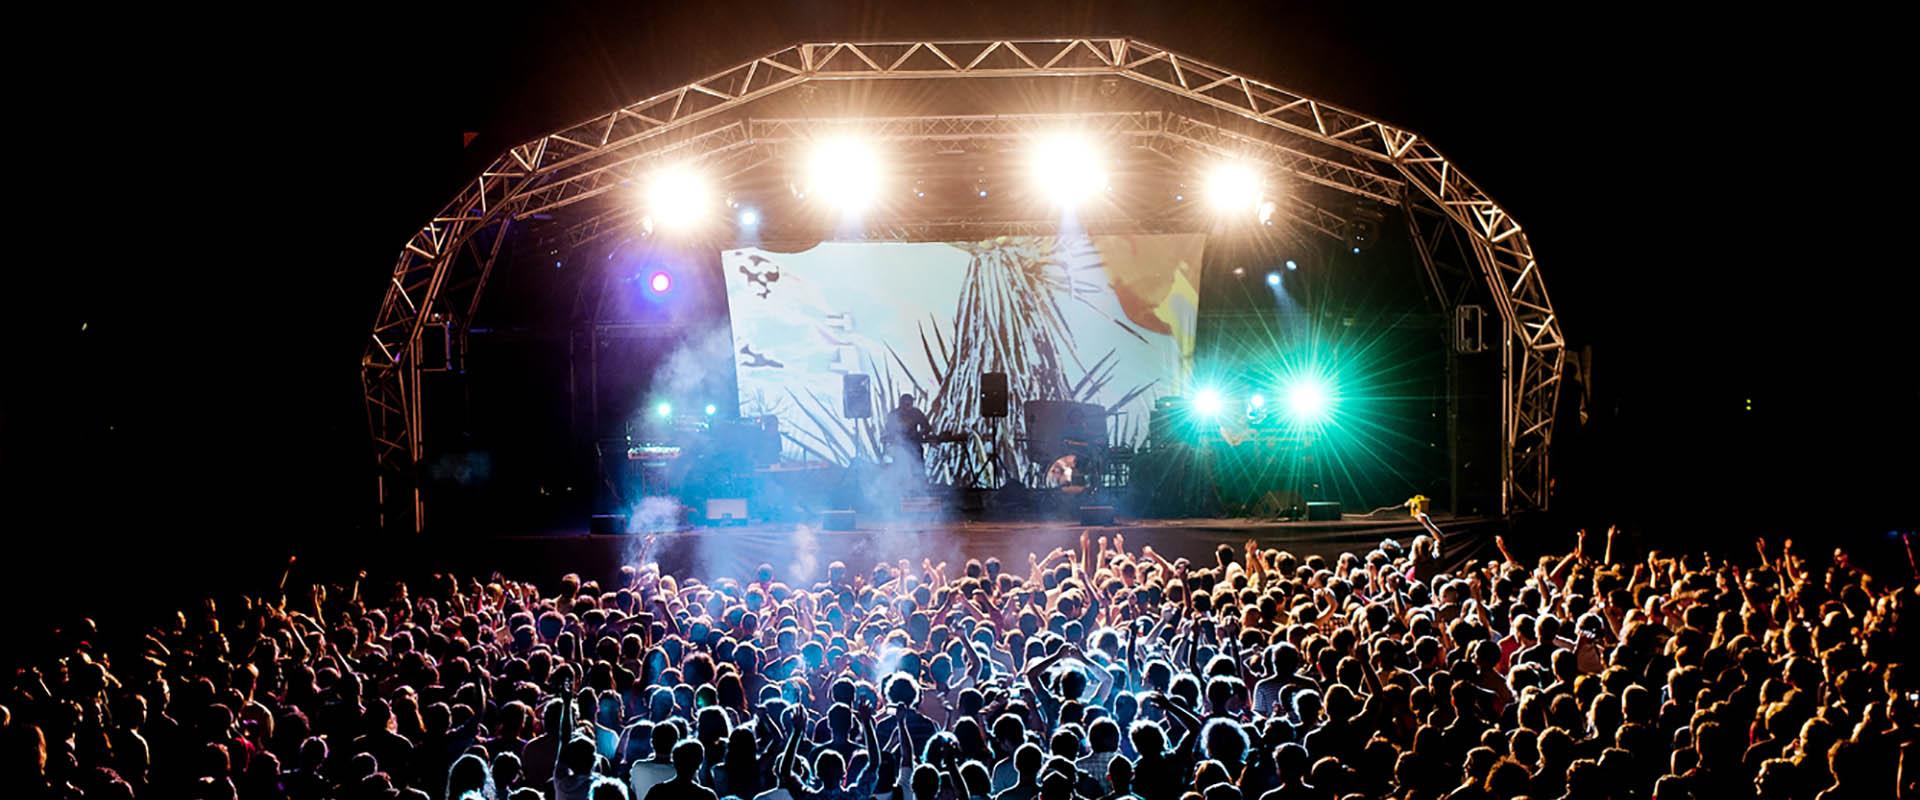 Benicassim festivales todo el Año